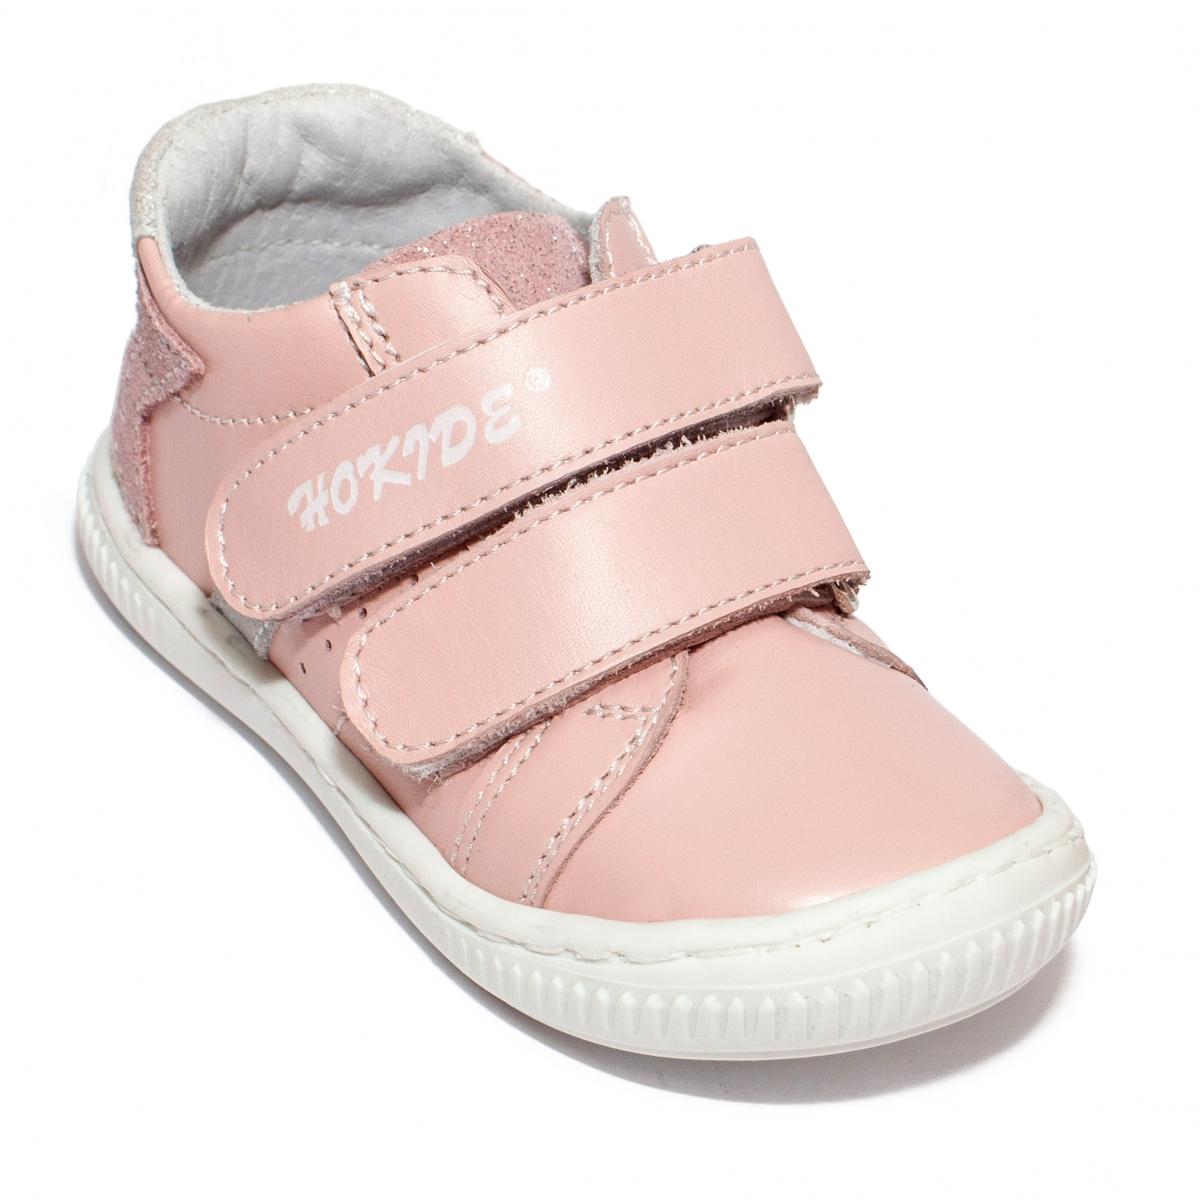 Pantofi sport fete hokide 457 rosu 18-25